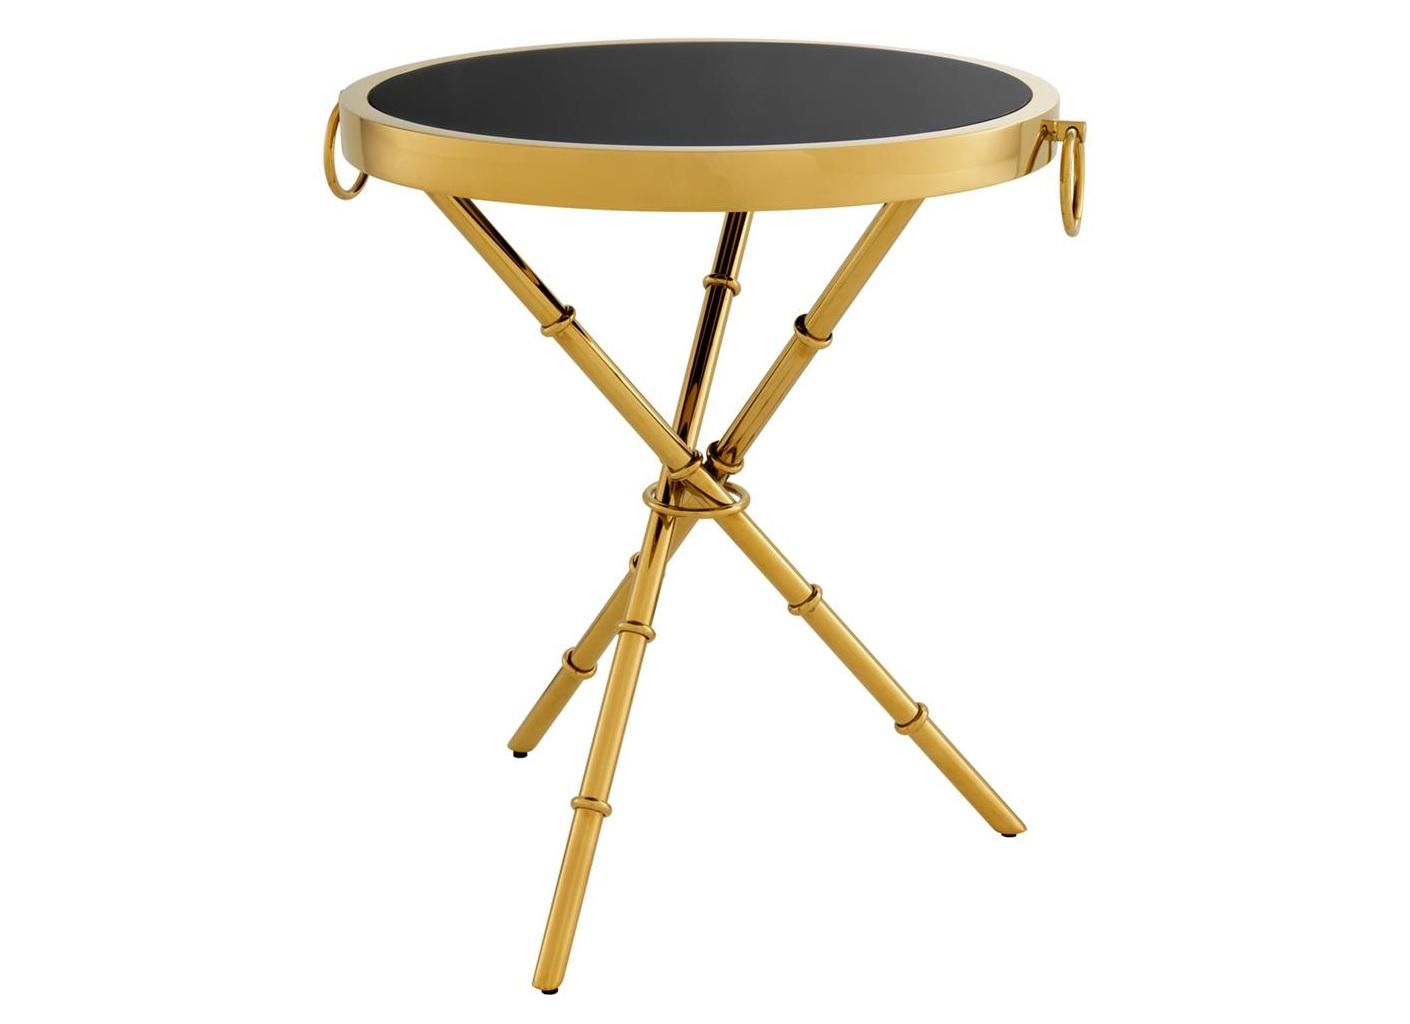 Столик Side Table OmniКофейные столики<br><br><br>Material: Металл<br>Ширина см: 52.0<br>Высота см: 60.0<br>Глубина см: 52.0